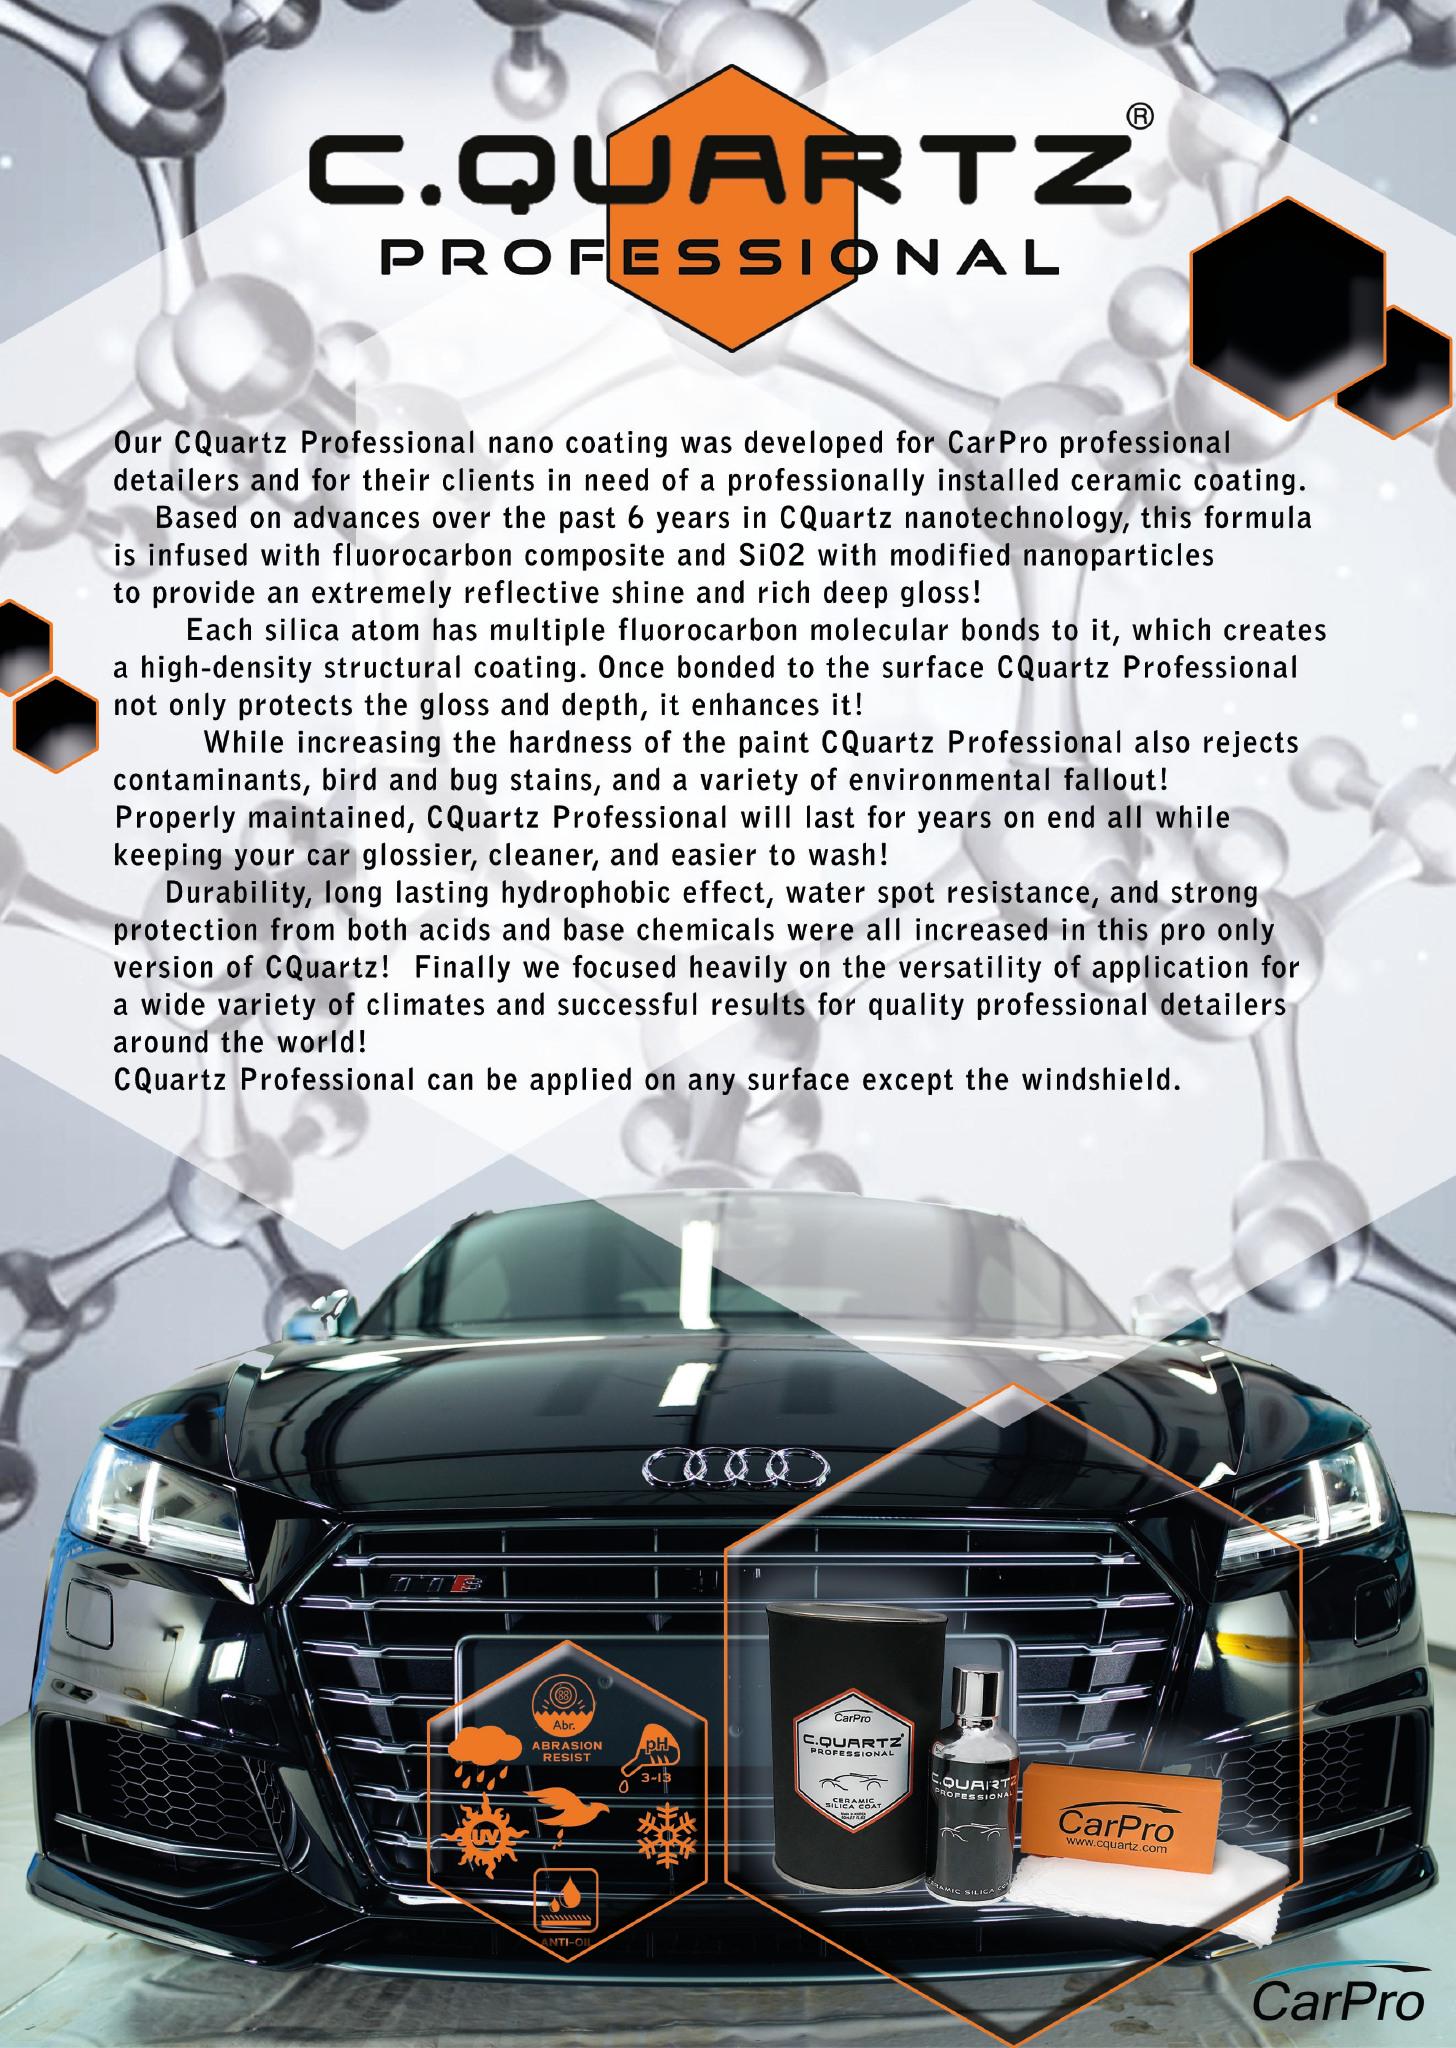 Rasky's Auto Detailing of Eden Prarie Minnesota proudly offers CQuartz-Professional-Ceramaic-Nano-Coating